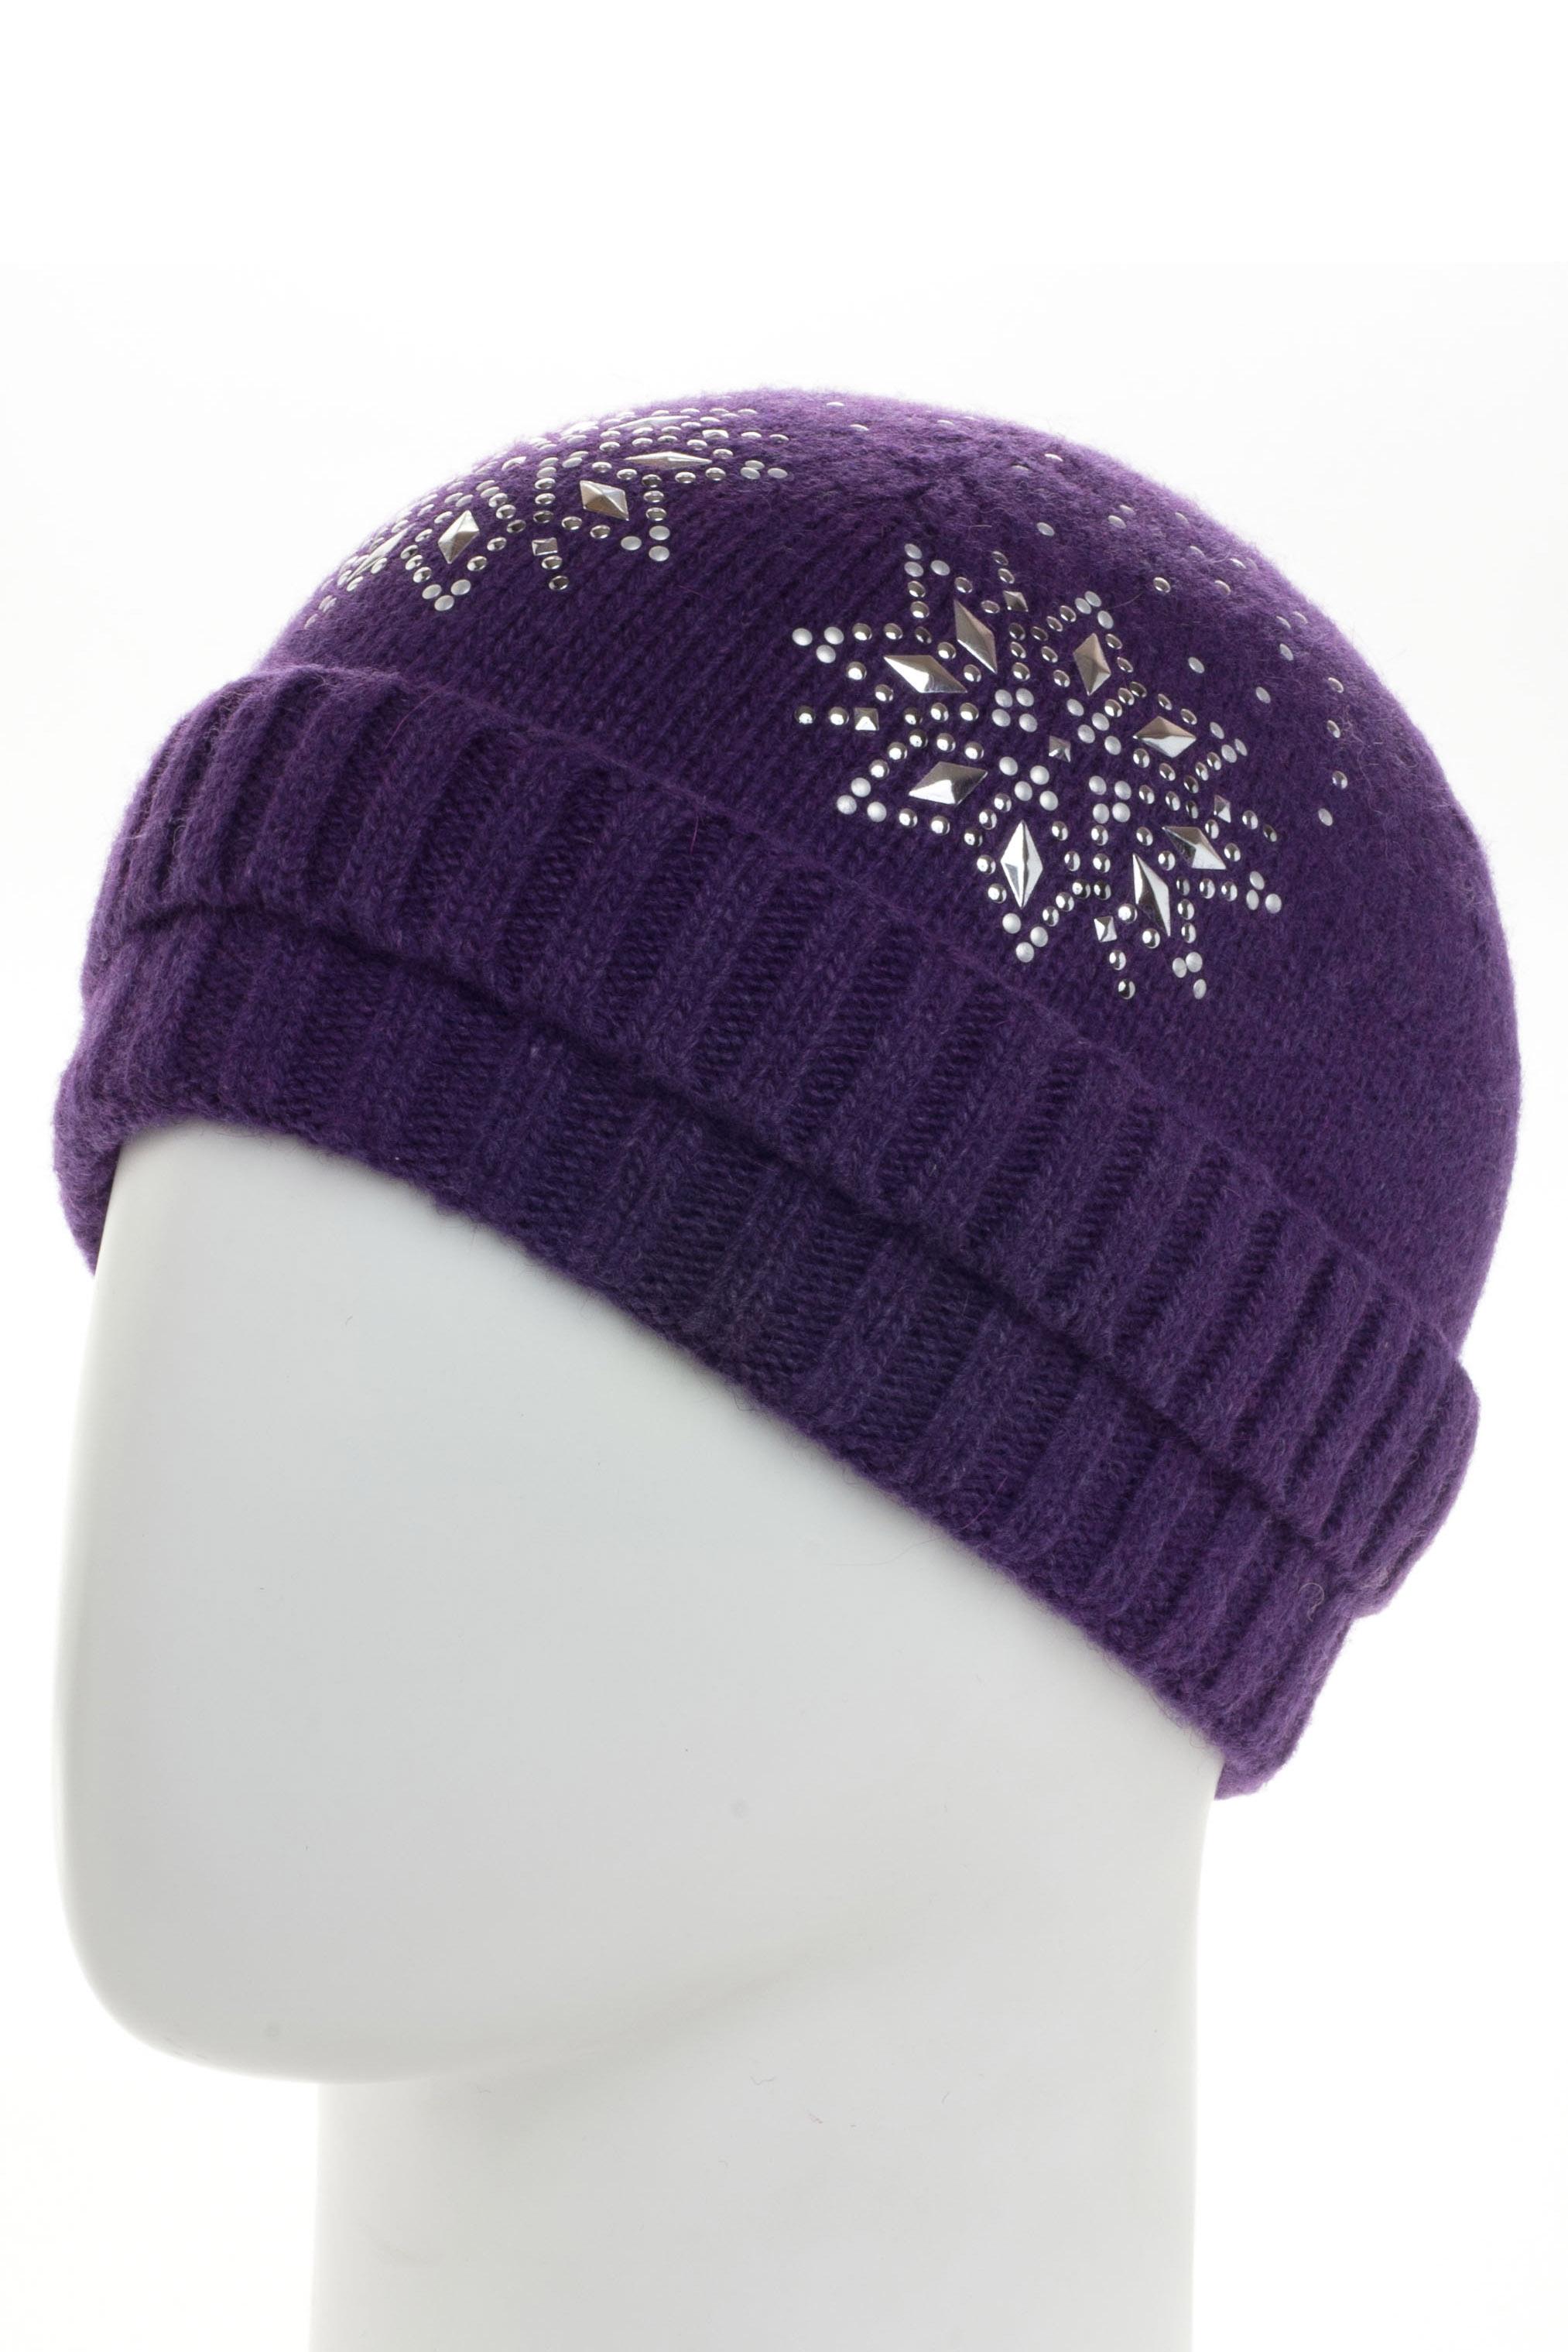 ШапкаШапки<br>Вязаная шапка подарит Вам тепло и комфорт, а так же подчеркнет Вашу женственность и станет прекрасным дополнением Вашего образа.  В изделии использованы цвета: фиолетовый<br><br>По материалу: Вязаные<br>По рисунку: Однотонные<br>По элементам: С декором<br>По сезону: Зима<br>Размер : universal<br>Материал: Вязаное полотно<br>Количество в наличии: 1